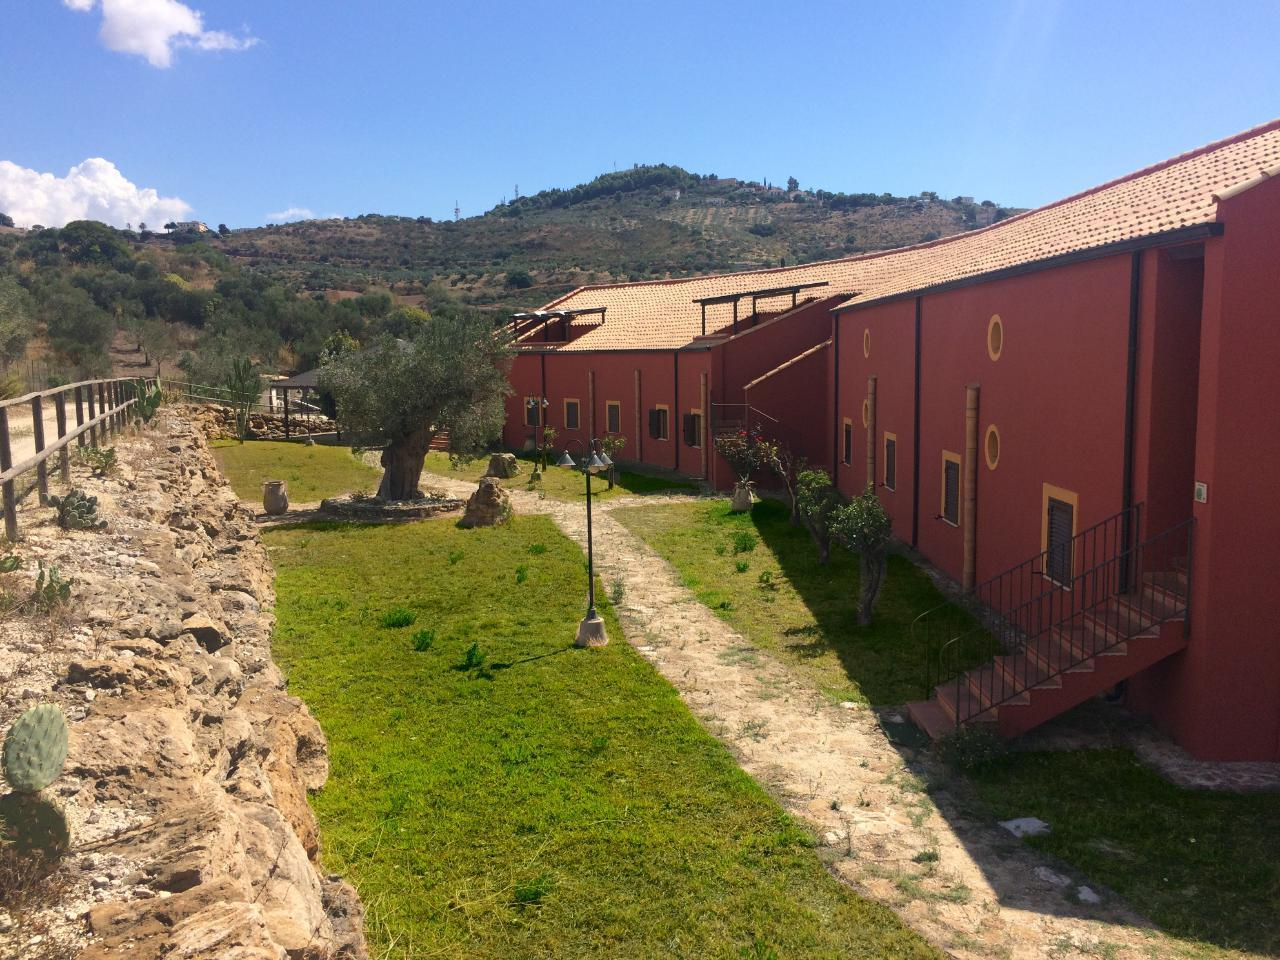 Ferienwohnung Ferienwohnungen (405131), Sciacca, Agrigento, Sizilien, Italien, Bild 6